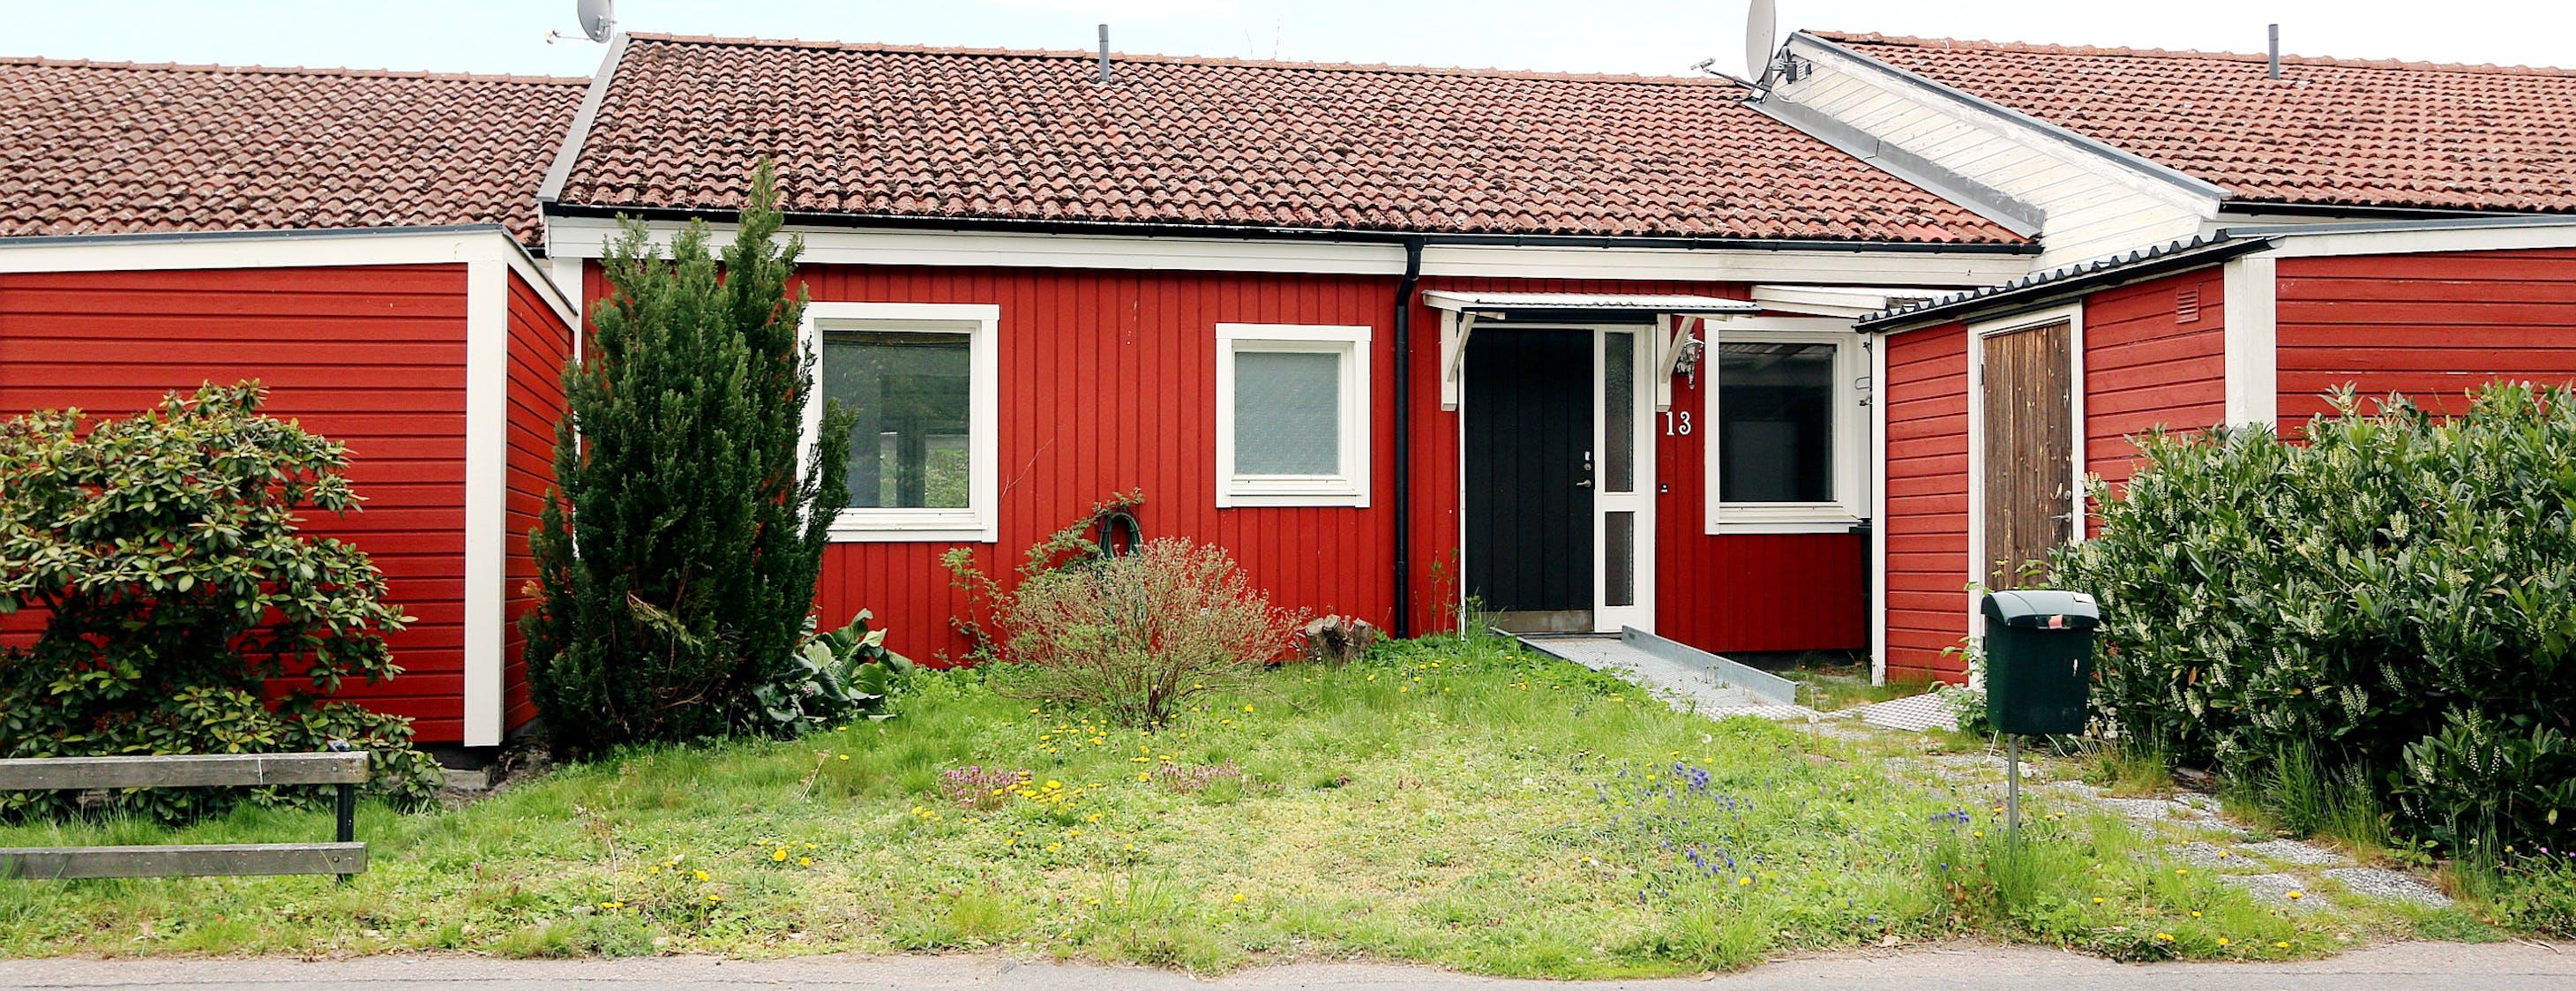 Boställsgatan 13 Köpingsvik